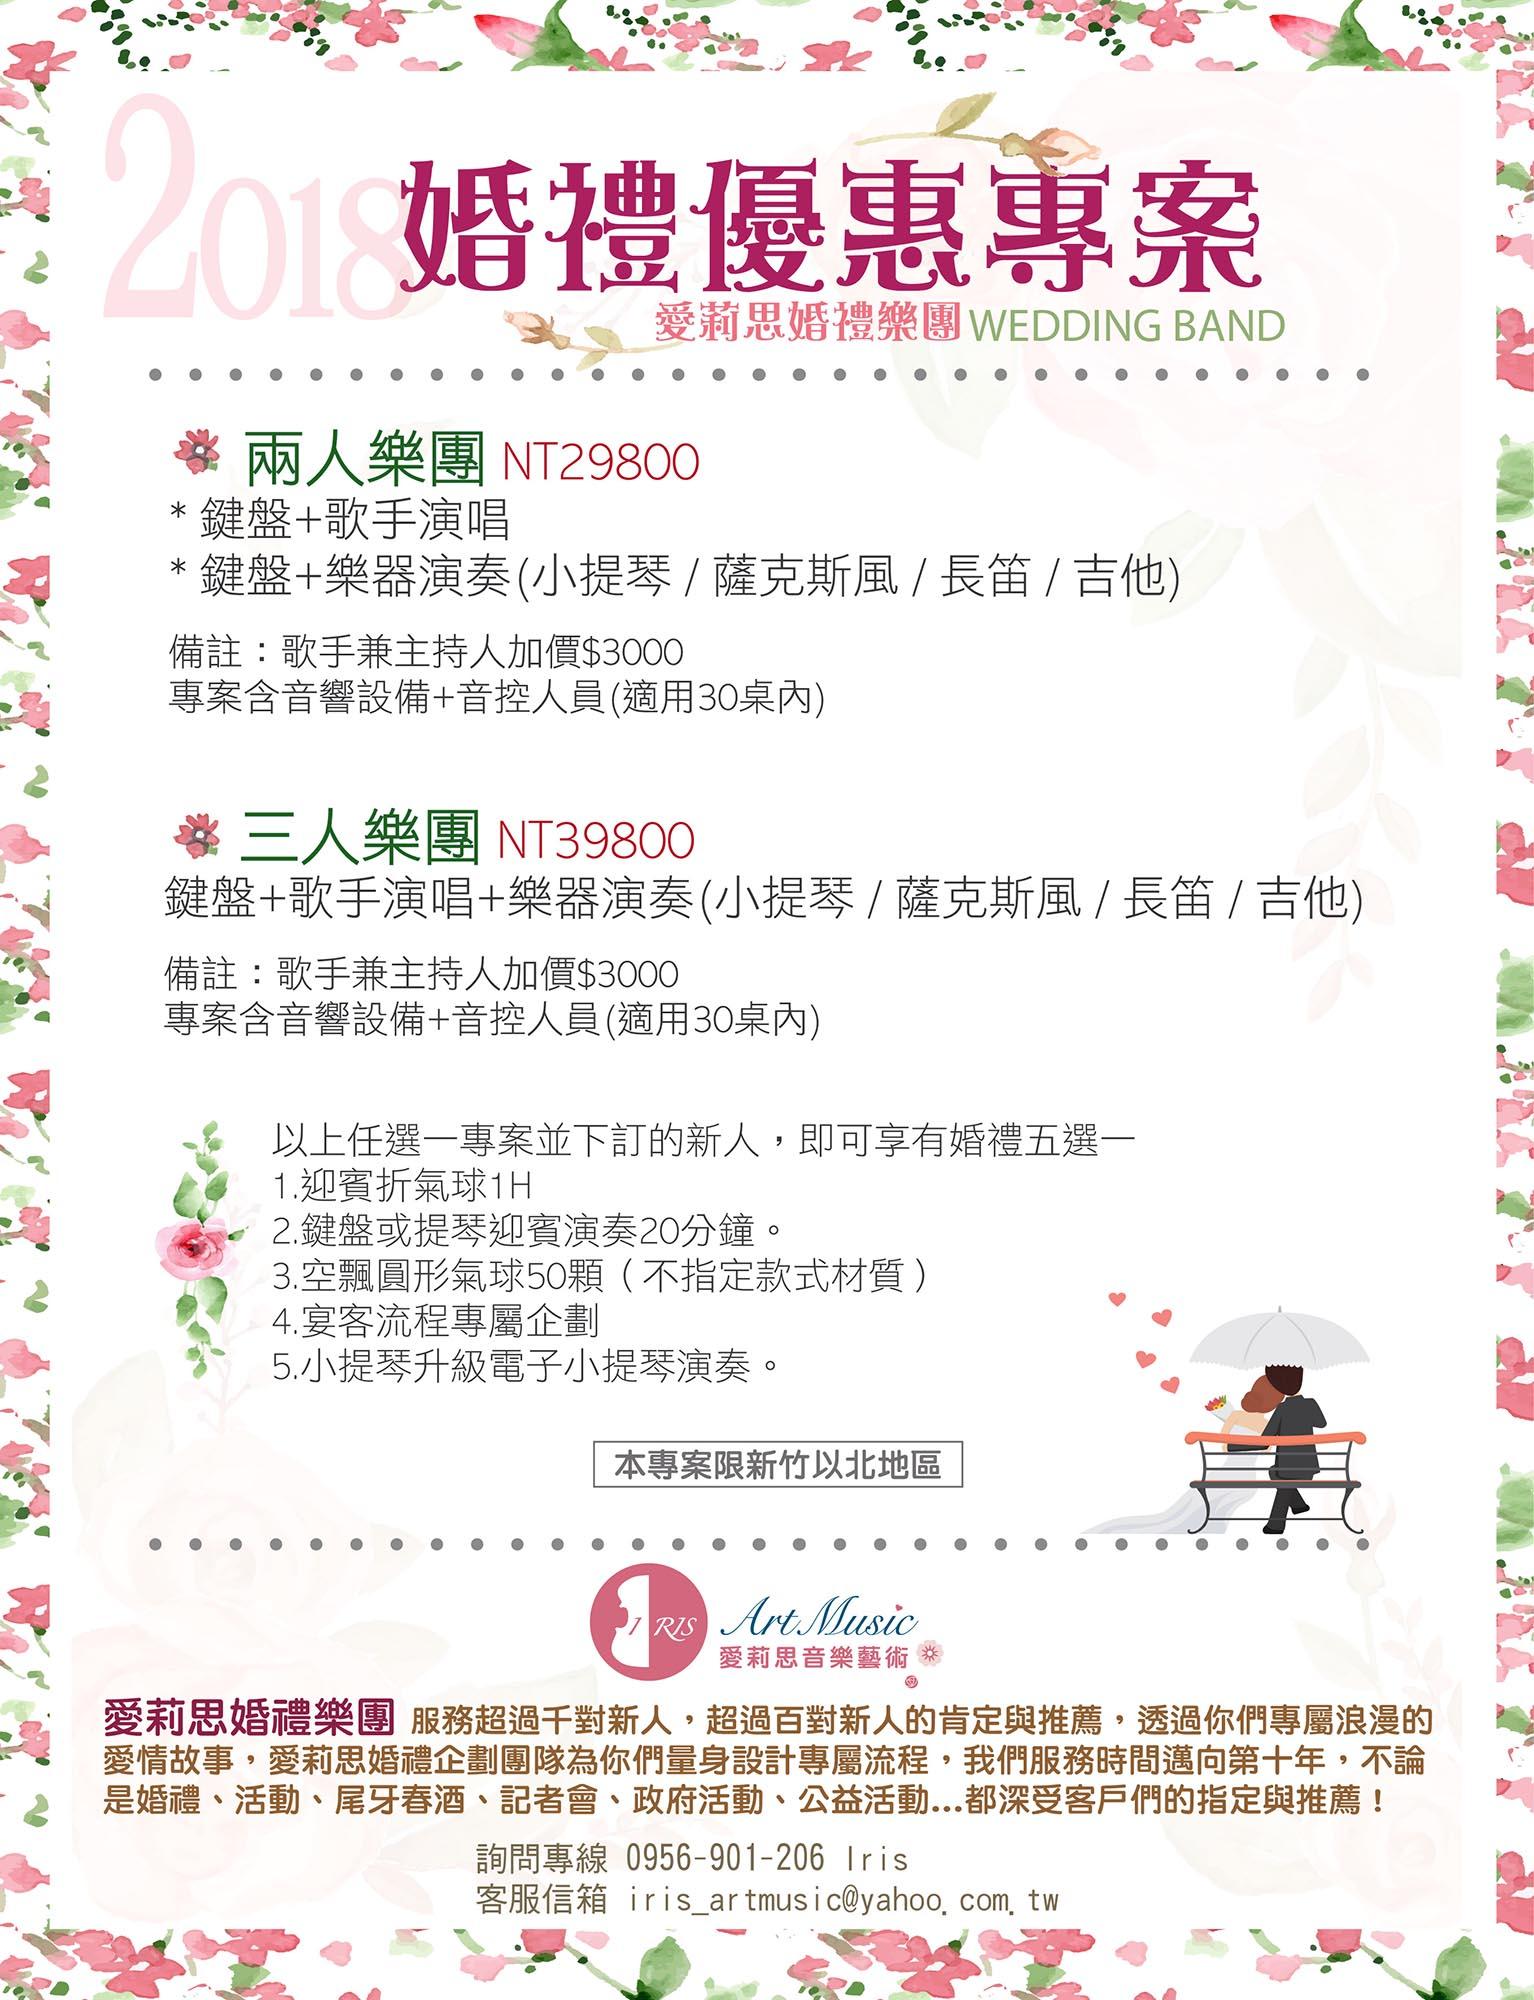 大輝活動公關婚禮優惠專案